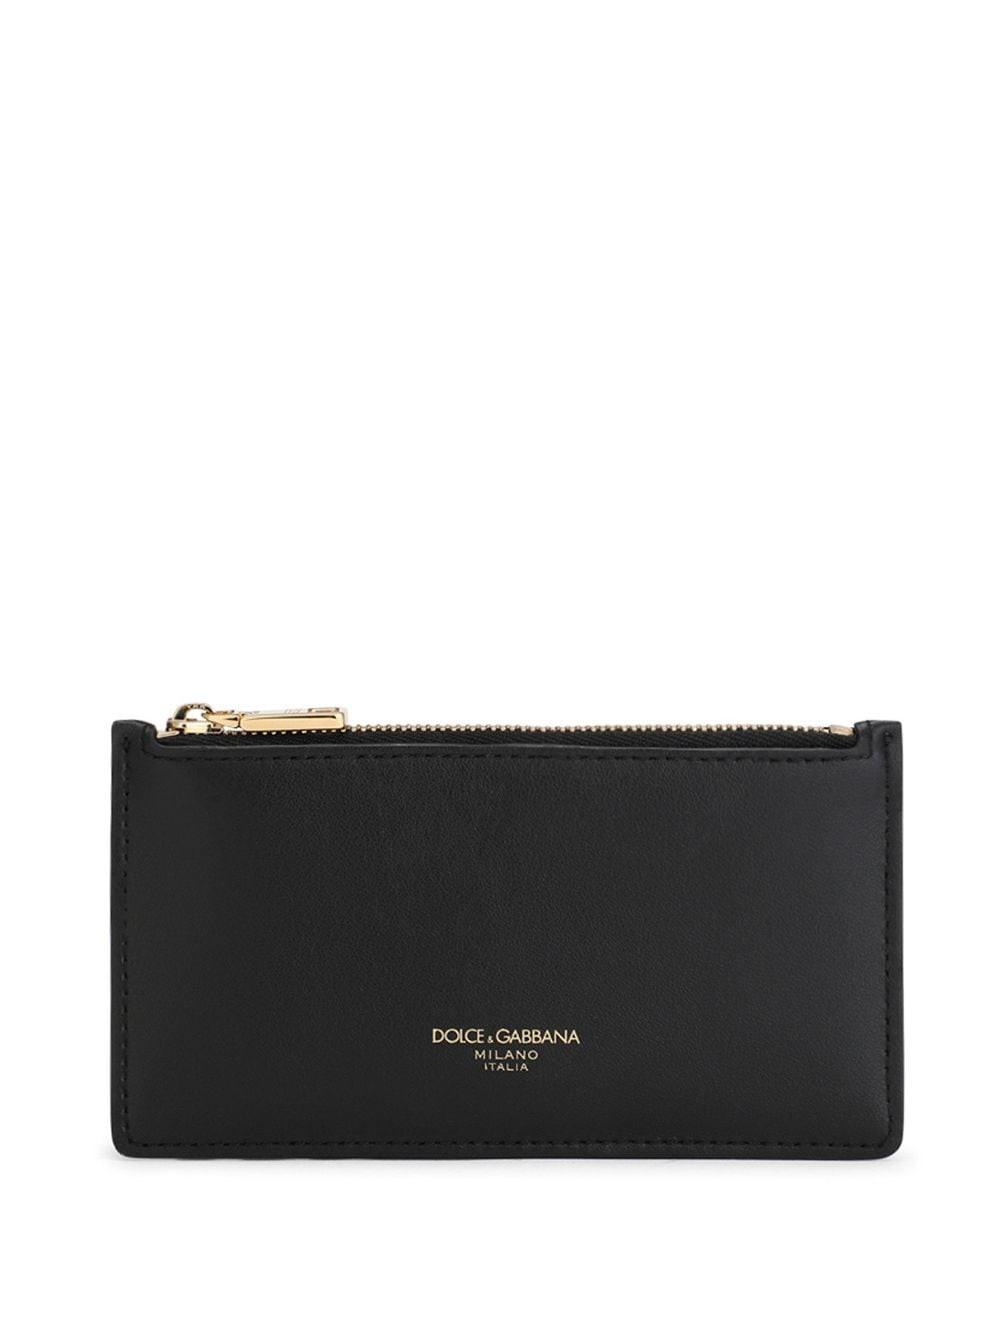 Dolce & Gabbana Branded Card Holder In Black